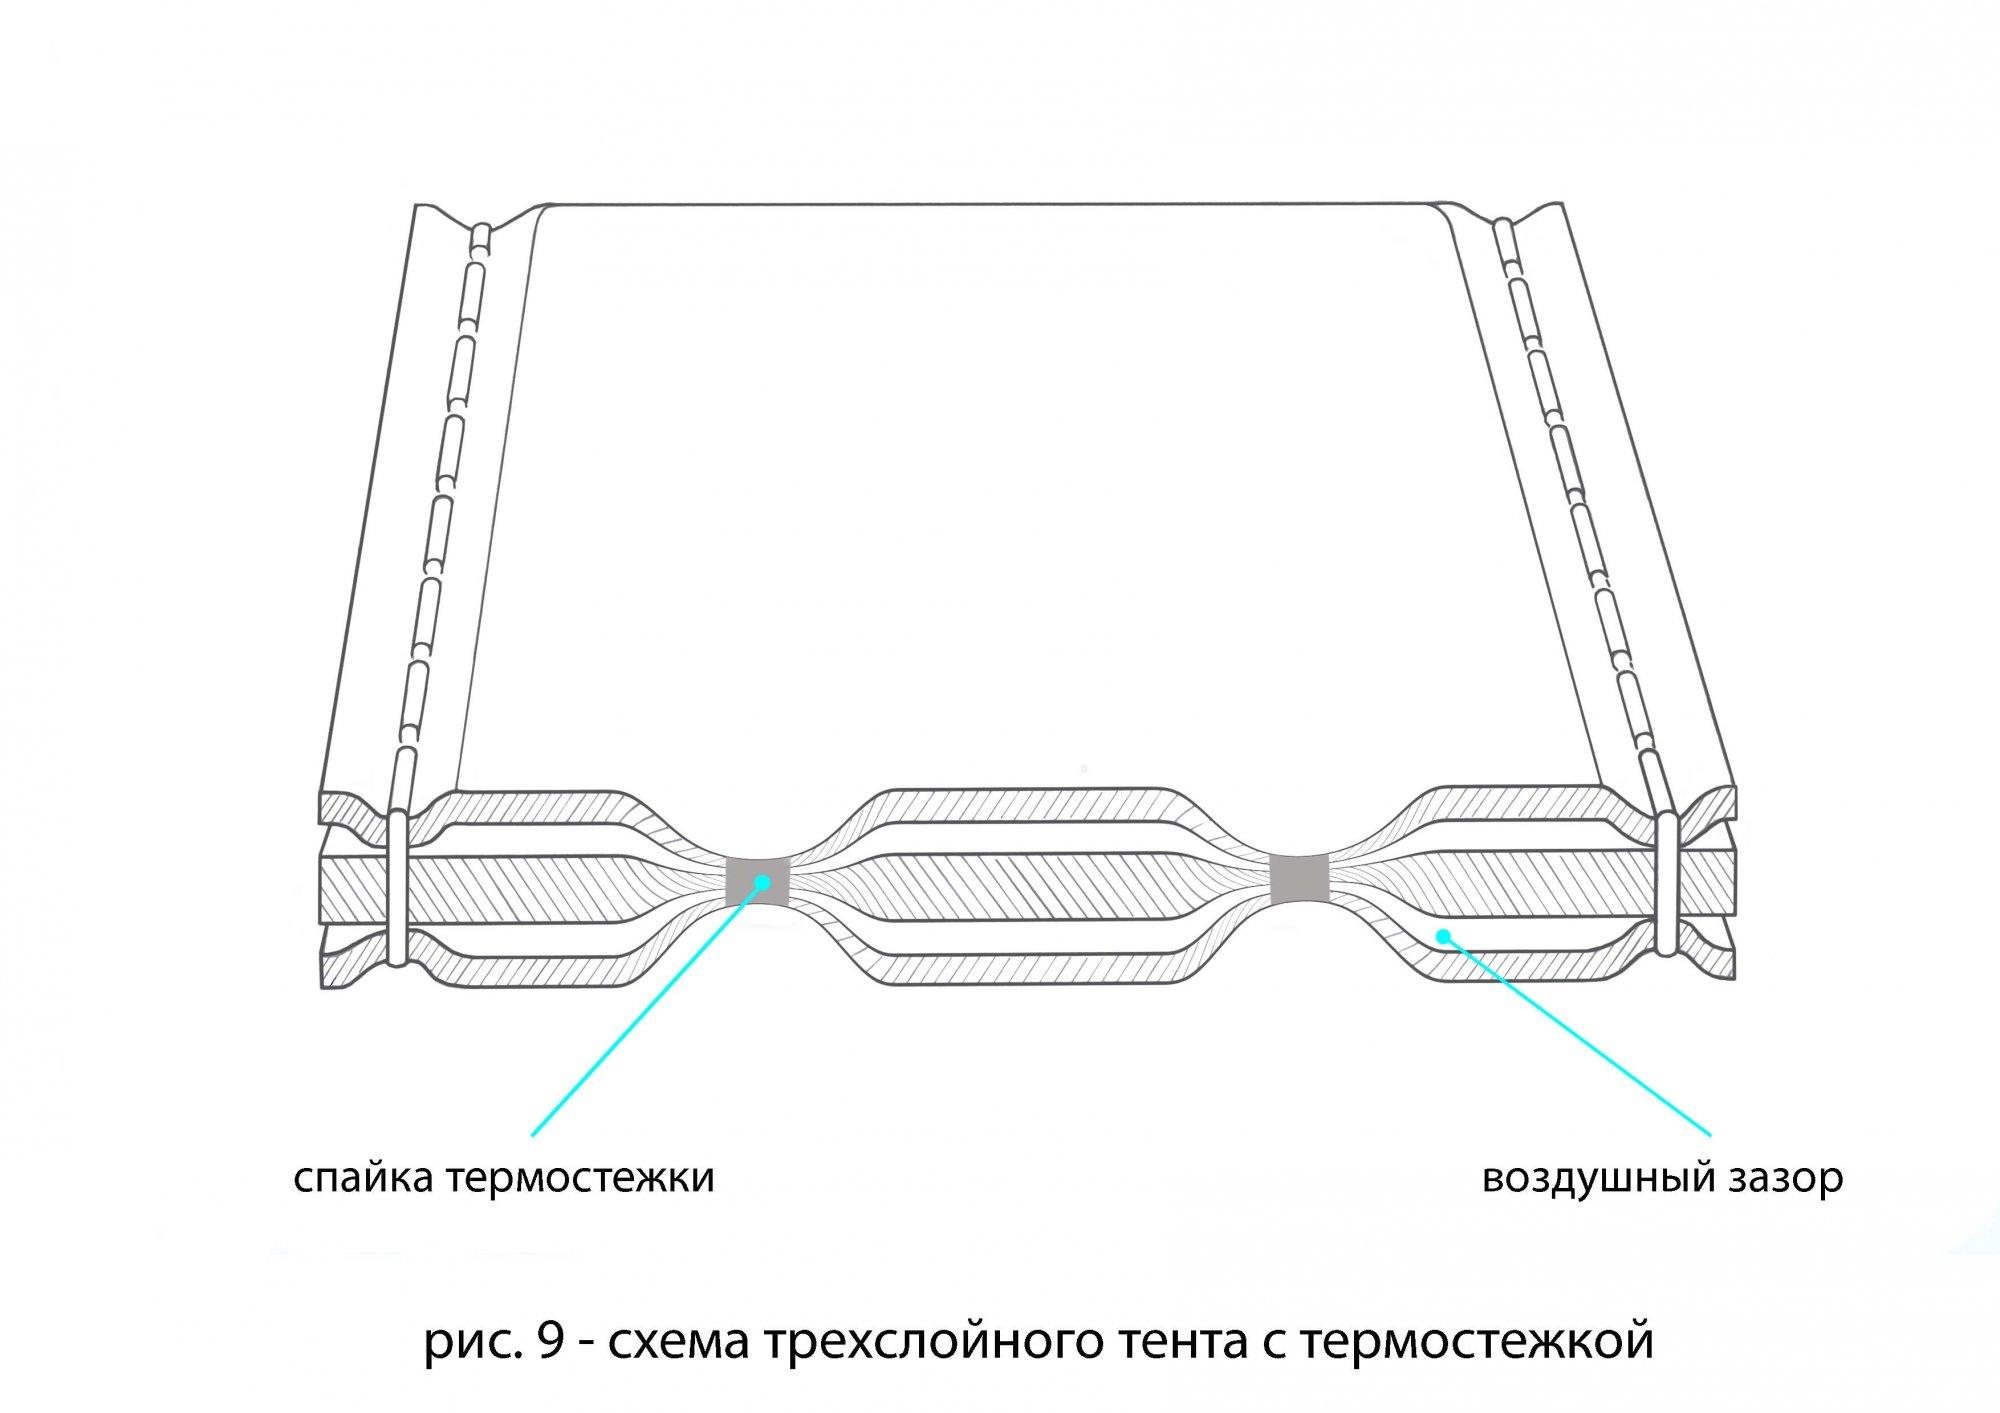 Схема трехслойного тента с термостежкой